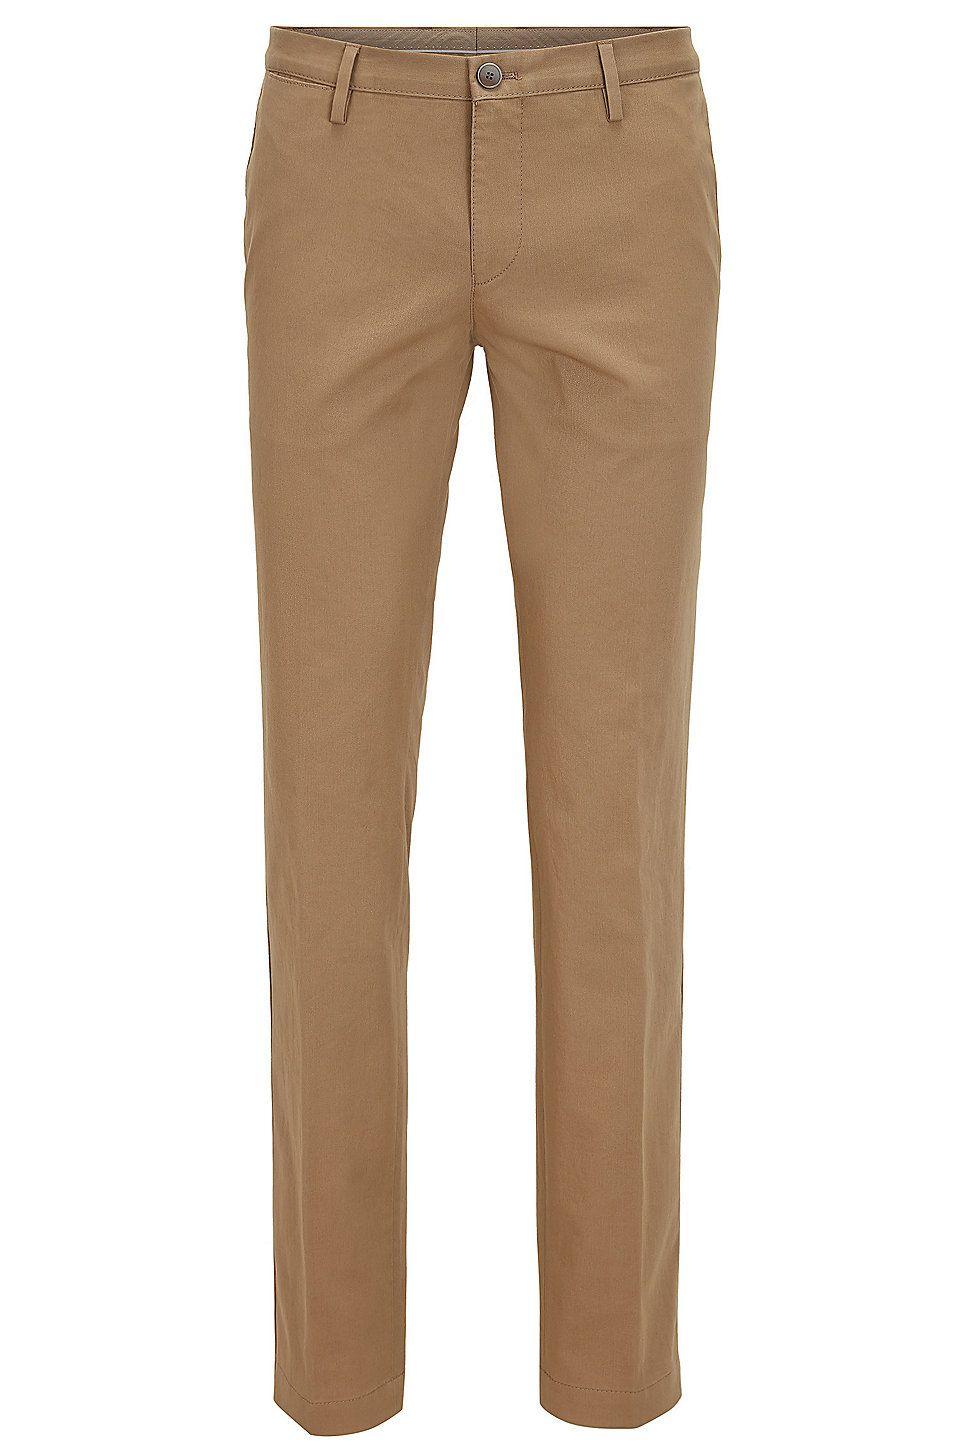 Hugo Boss Mens Slim-fit Chino Trouser Pant